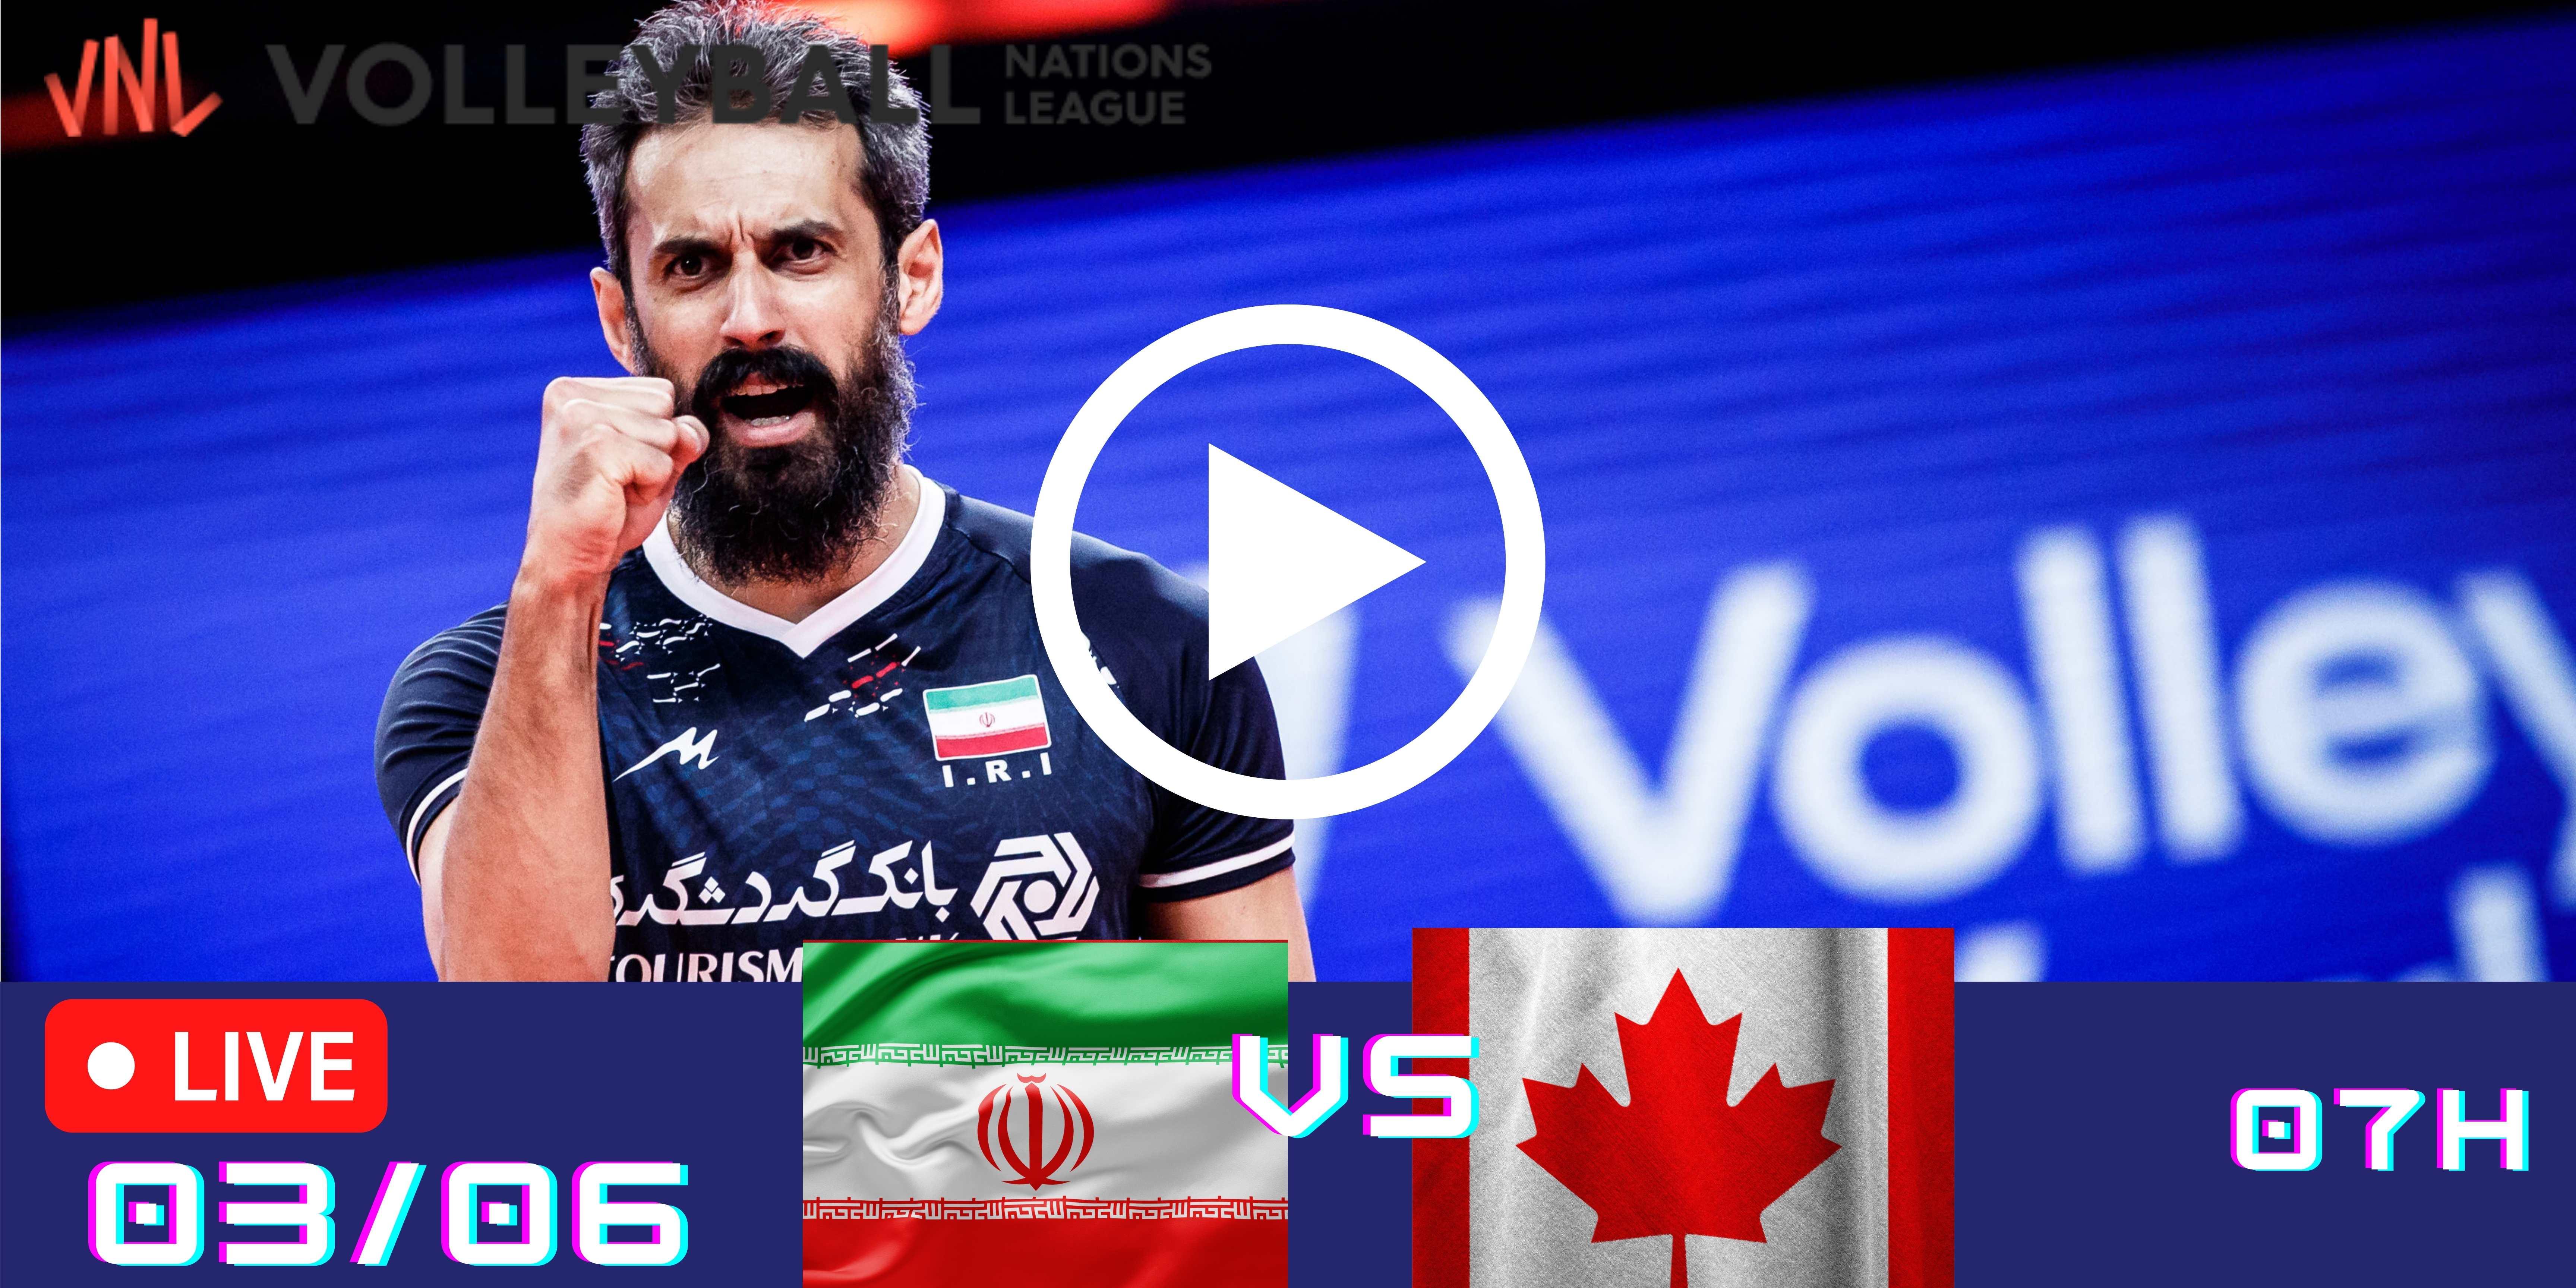 Resultado: Irã 3 vs 1 Canadá – Liga das Nações – 03/06 – 07h